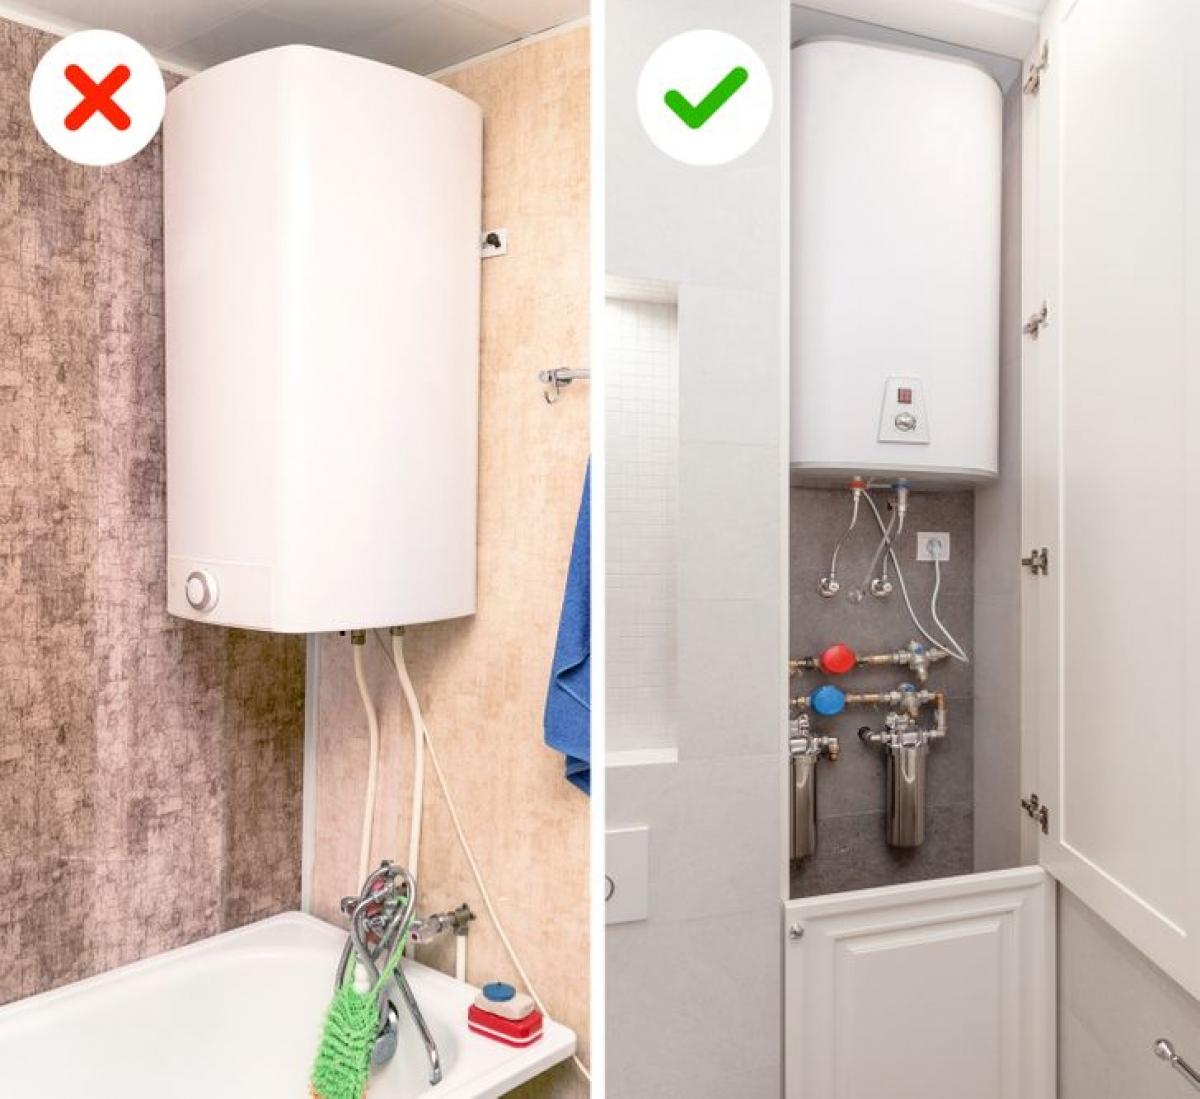 Bình nước nóng là vật dụng cần thiết, xong lại khá choán không gian. Hãy tạo các tủ âm tường để khiến phòng tắm thẩm mỹ hơn.